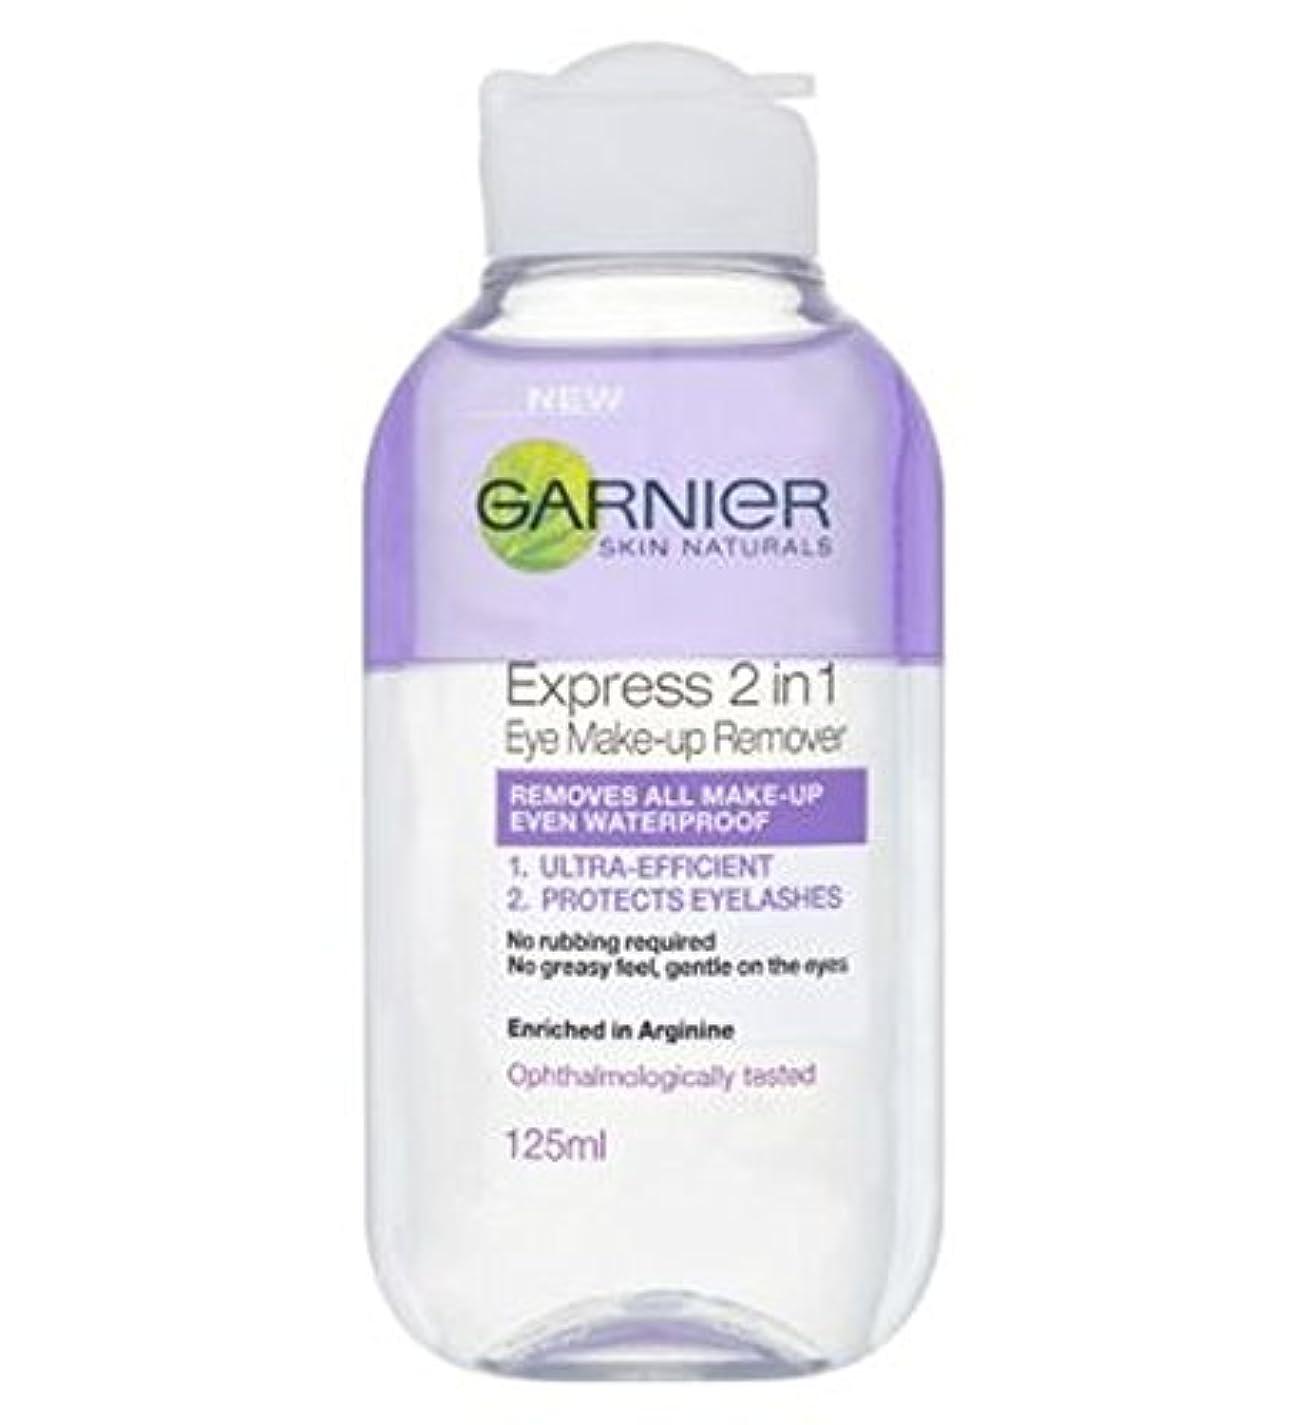 散歩に行く委任素子Garnier Express 2in1 eye make up remover 125ml - ガルニエ急行の2In1の目は、リムーバー125ミリリットルを作ります (Garnier) [並行輸入品]